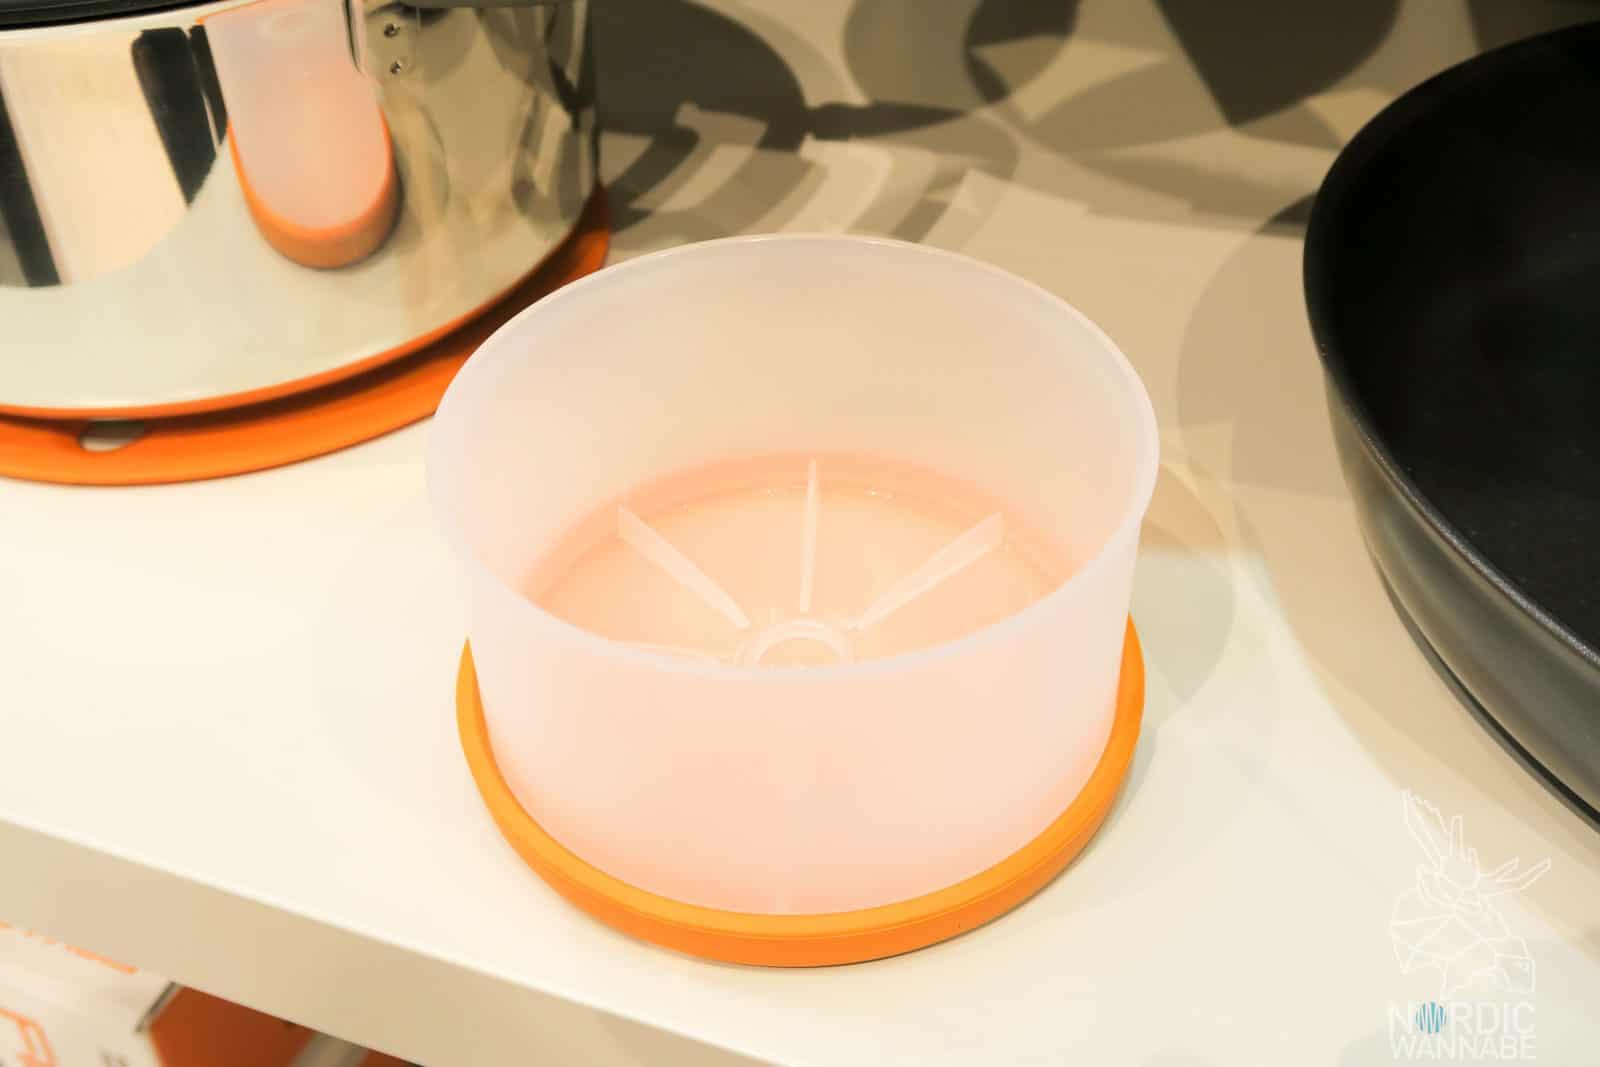 skandinavisches design schwedisches design schweden blog handt cher hygge ambiente. Black Bedroom Furniture Sets. Home Design Ideas